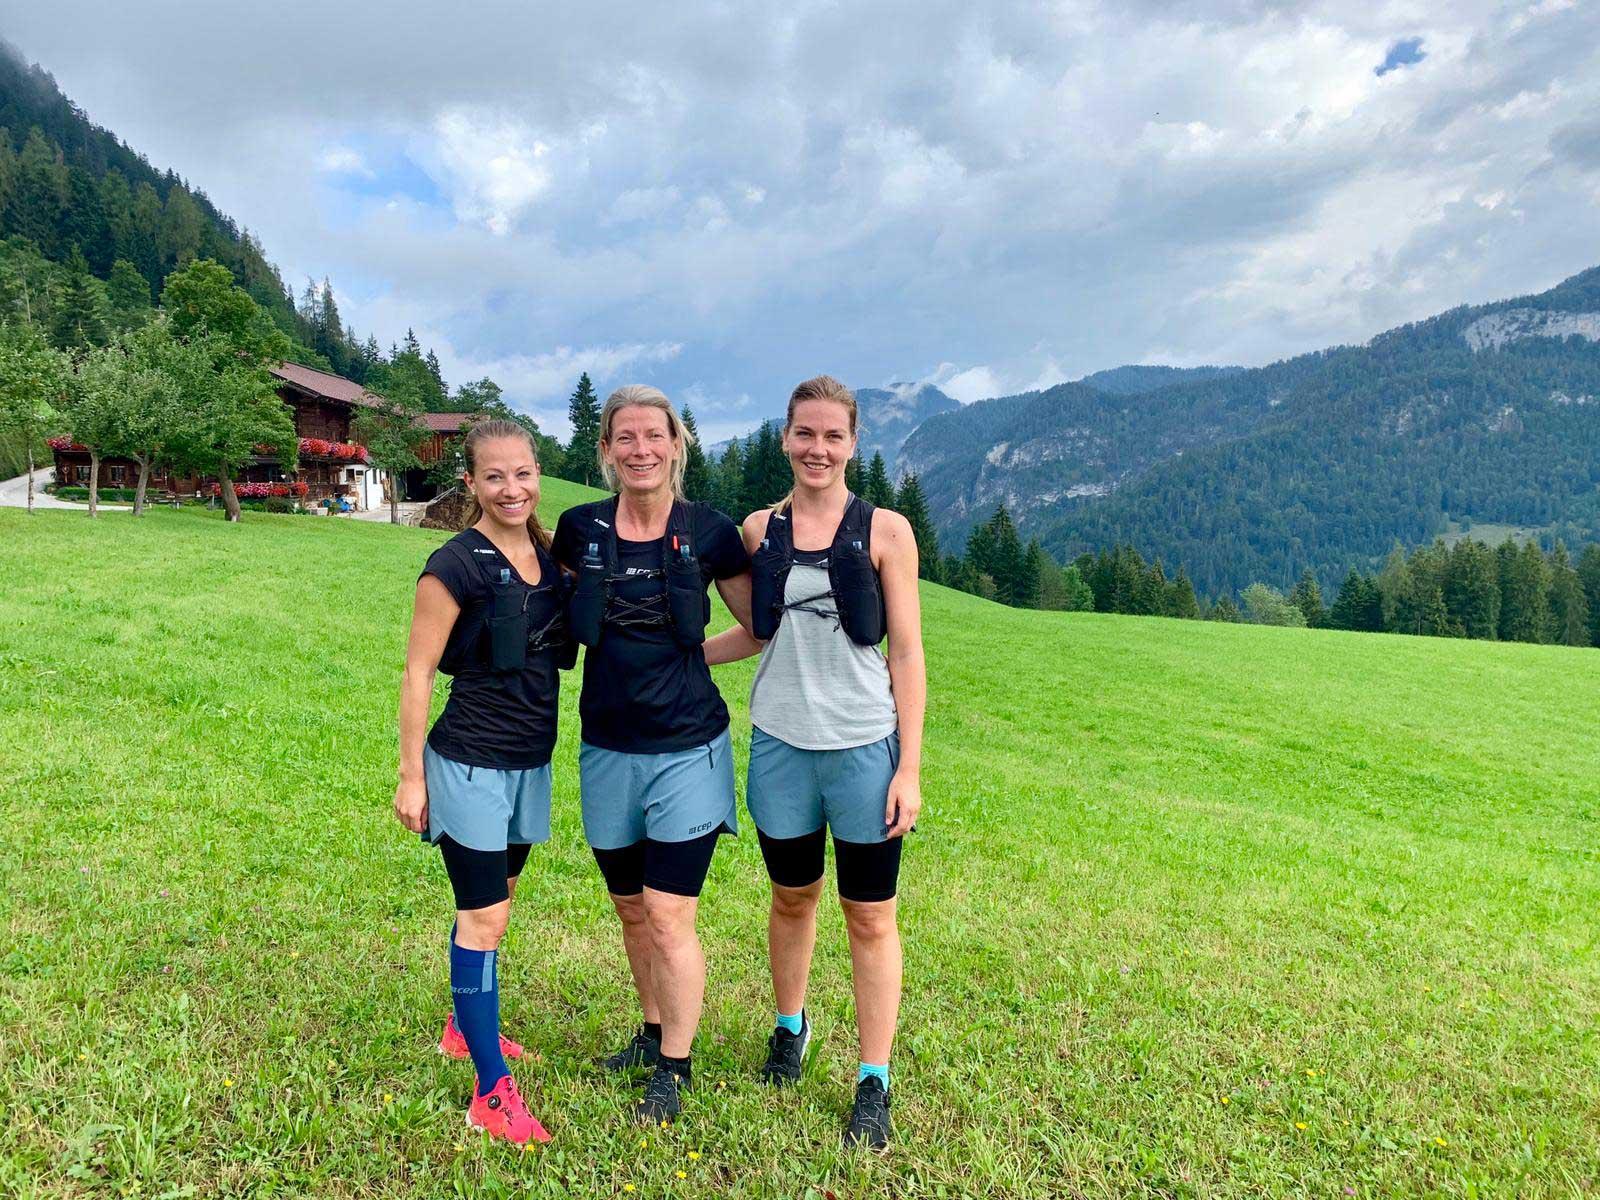 Chatte mit Mdchen in Tirol | sterreich | comunidadelectronica.com